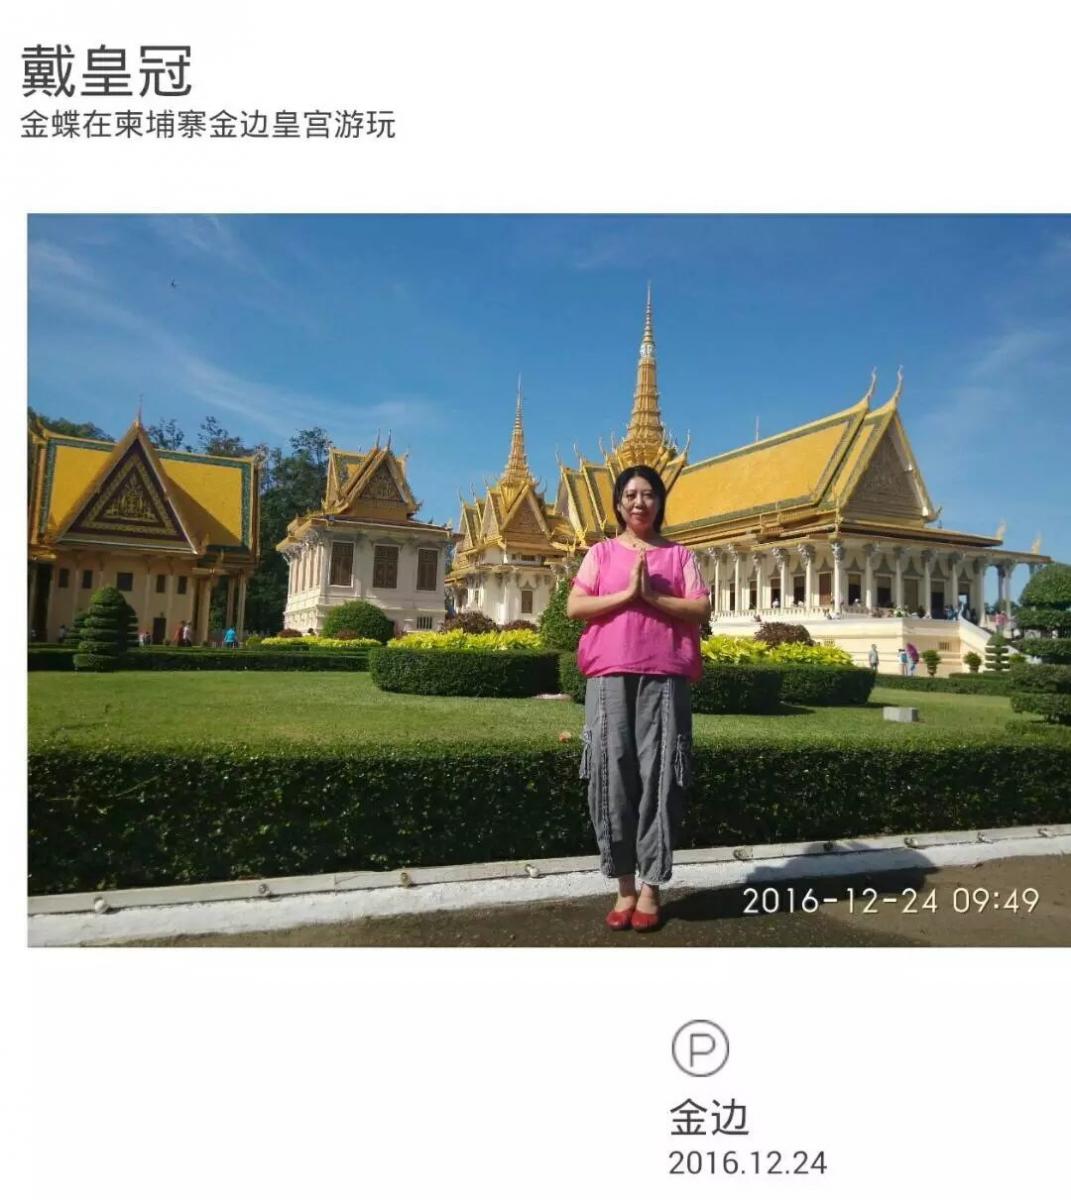 金蝶柬埔寨游玩记:神秘的高棉微笑_图1-3